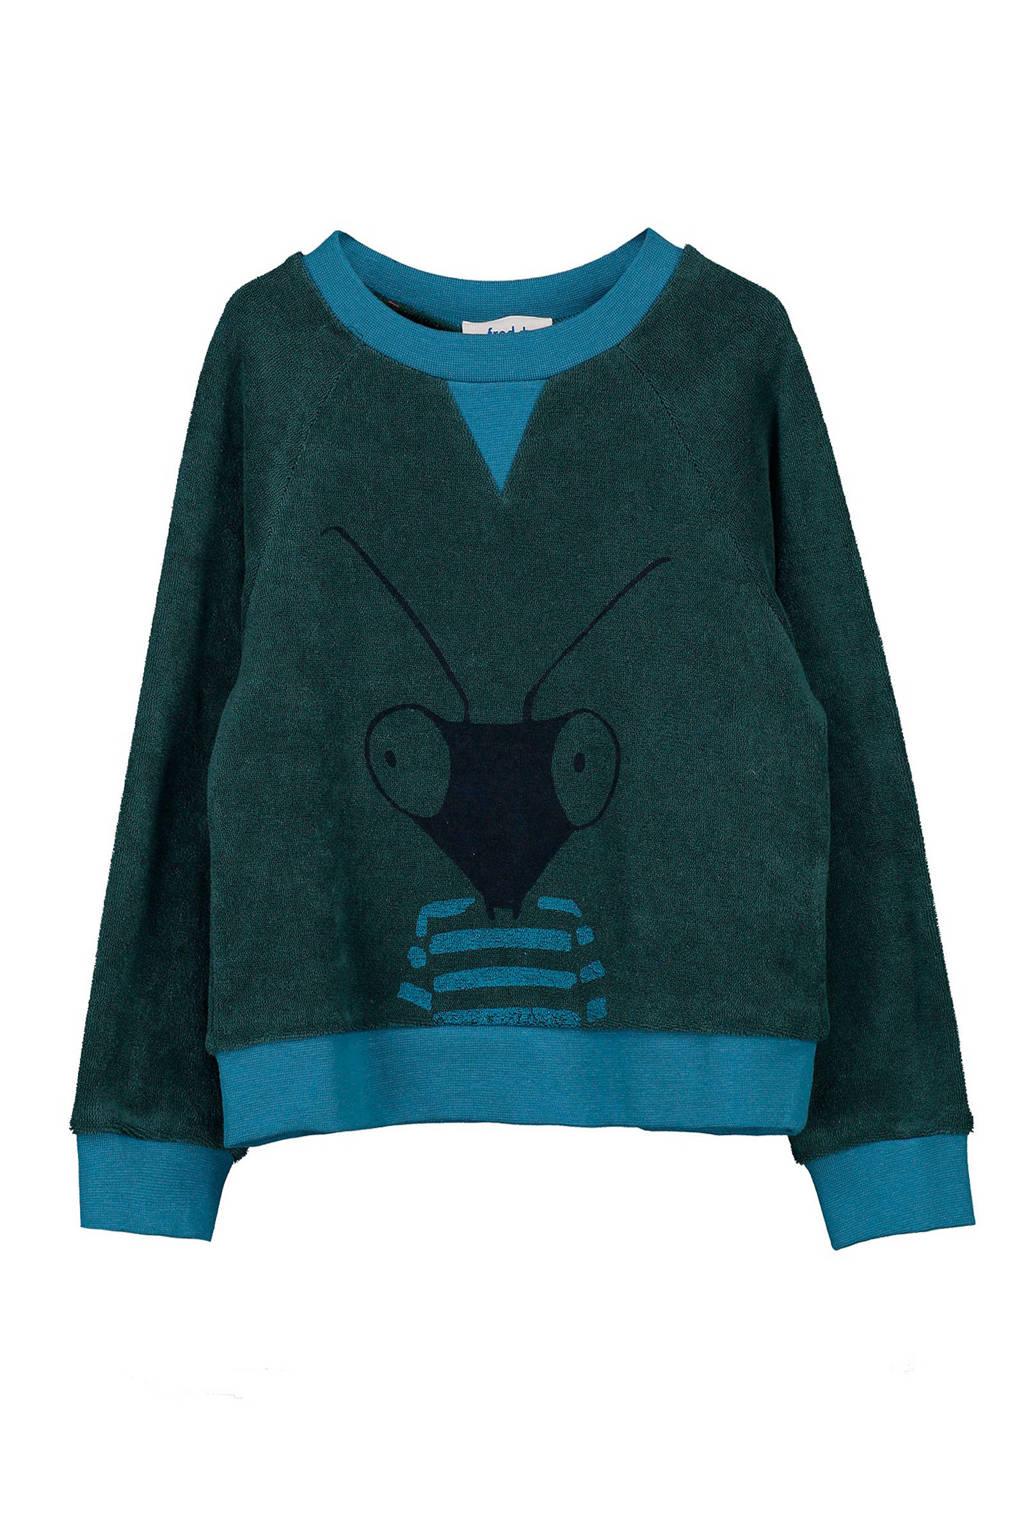 fred + ginger badstof sweater Tobe met printopdruk donkergroen, Donkergroen